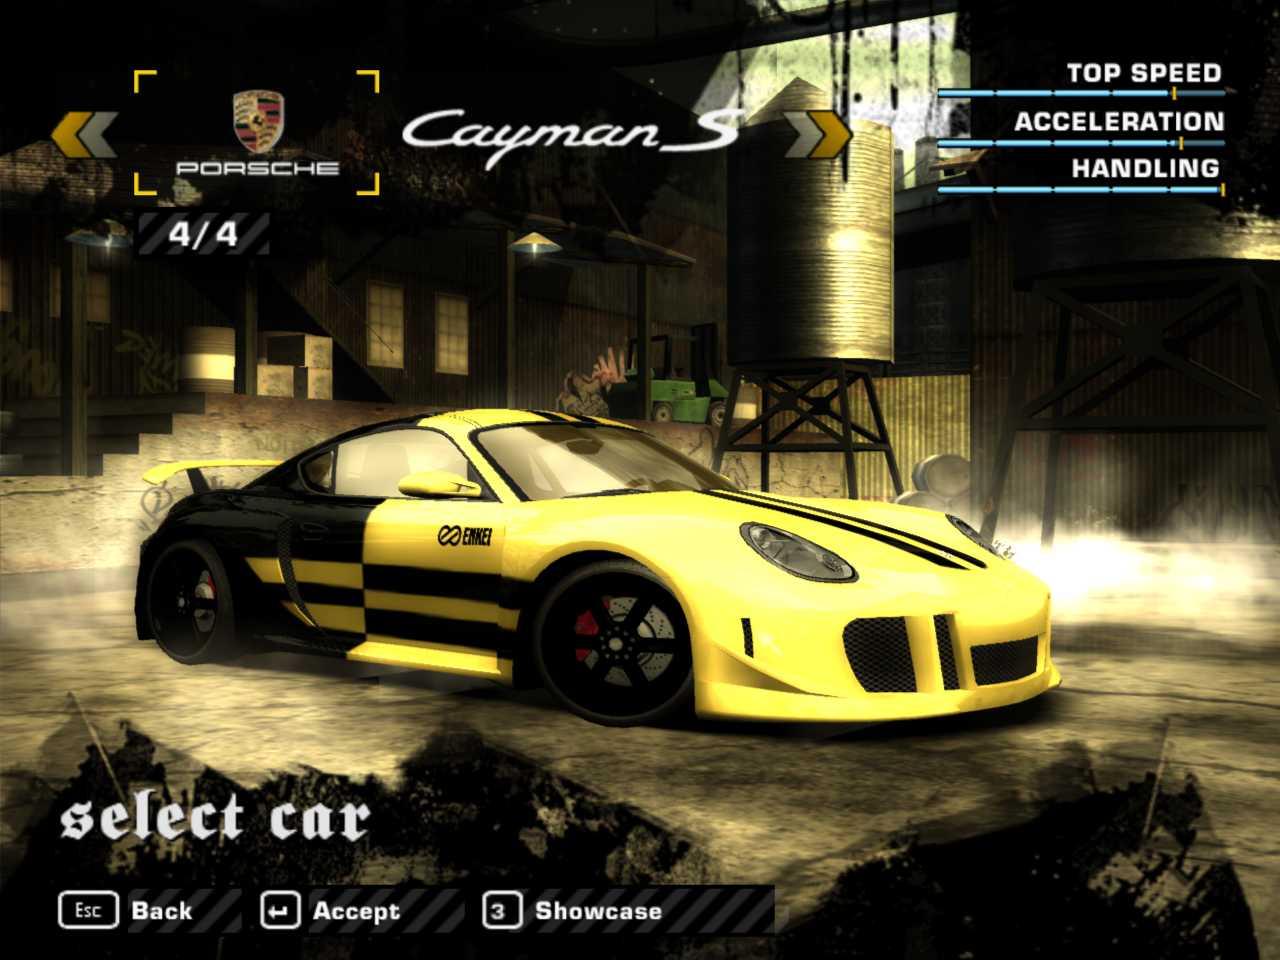 speed most wanted unlock cars pc kumpulan cheat kode terlengkap